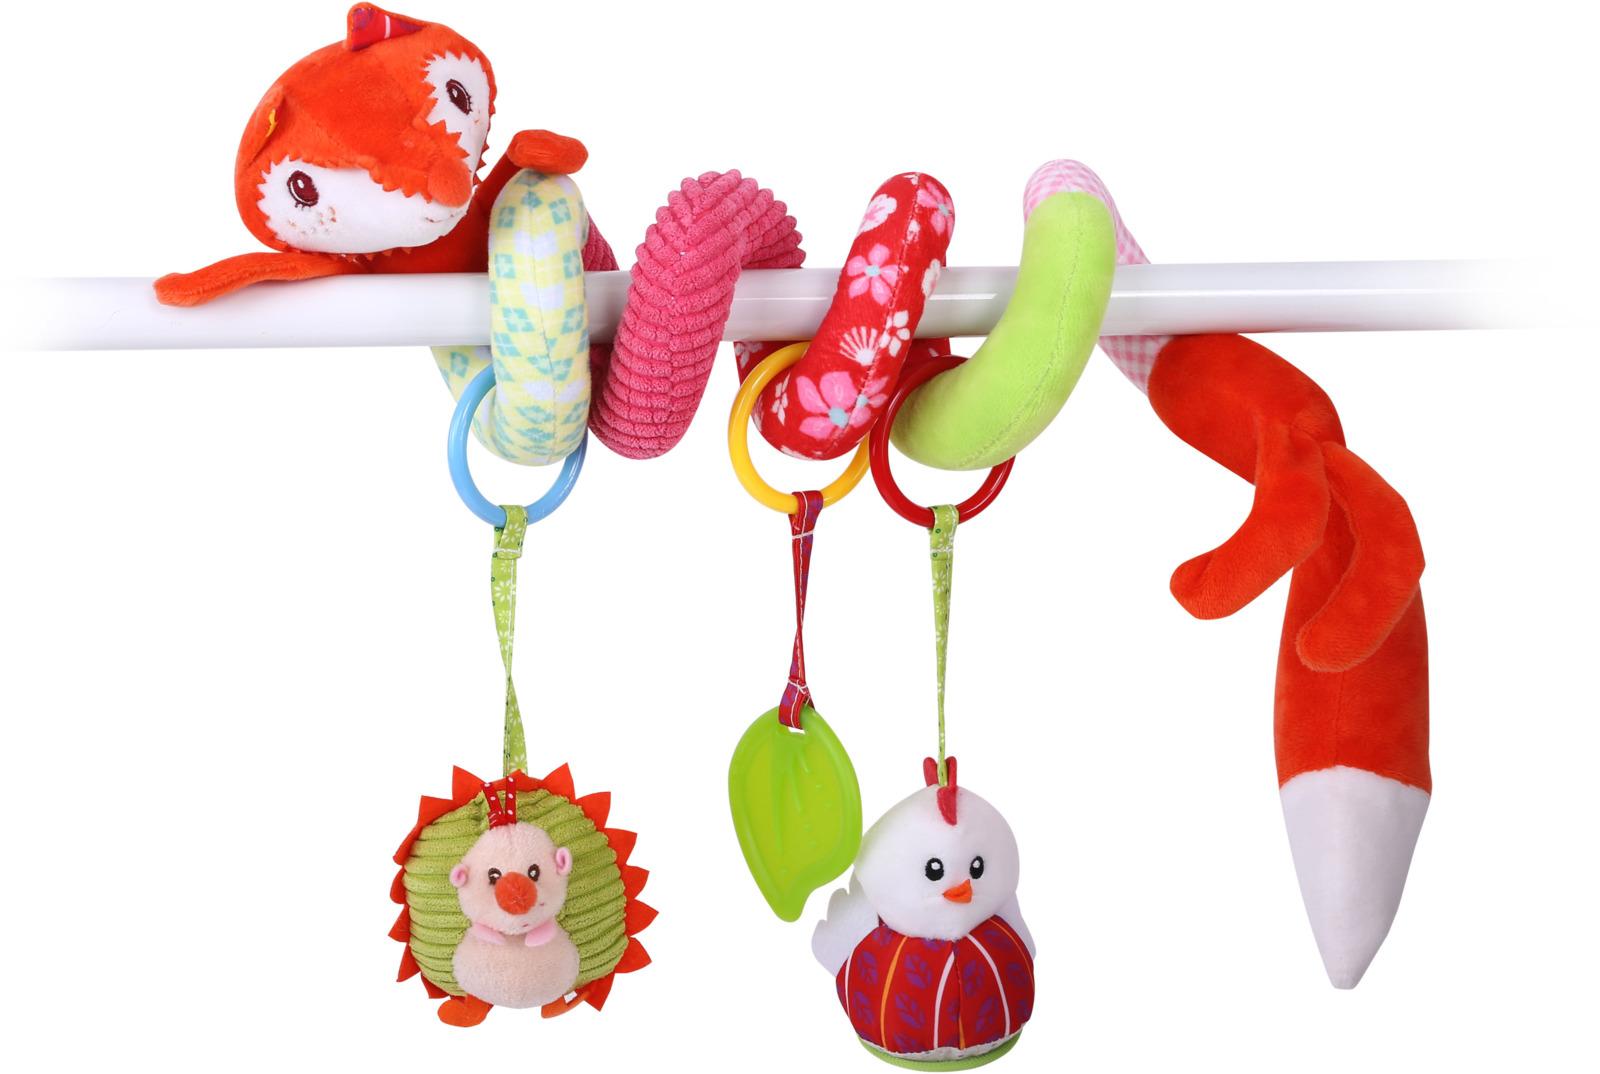 Развивающая игрушка спираль Lorelli Toys Лисичка. 1019122 развивающая игрушка lorelli toys обними меня мартышка 10191260001